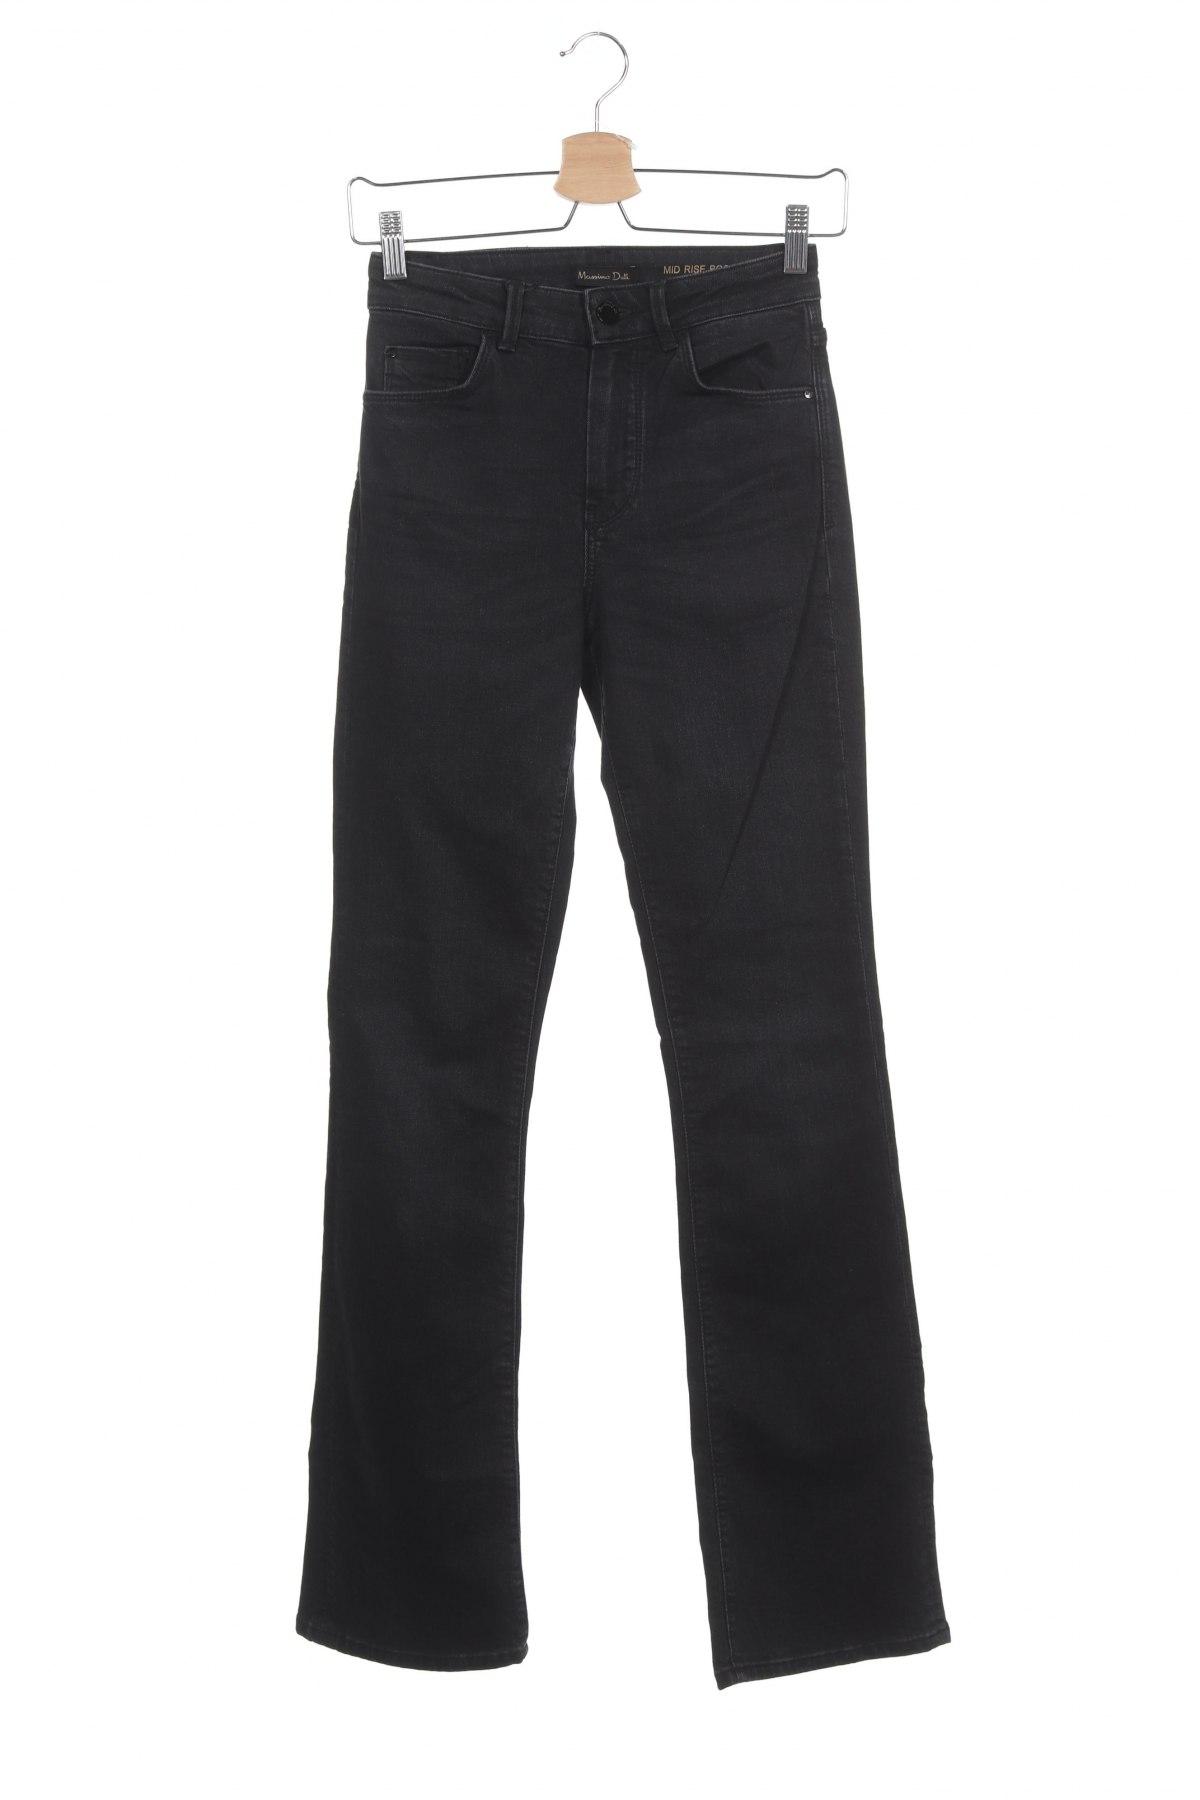 Дамски дънки Massimo Dutti, Размер XS, Цвят Сив, 98% памук, 2% еластан, Цена 66,75лв.